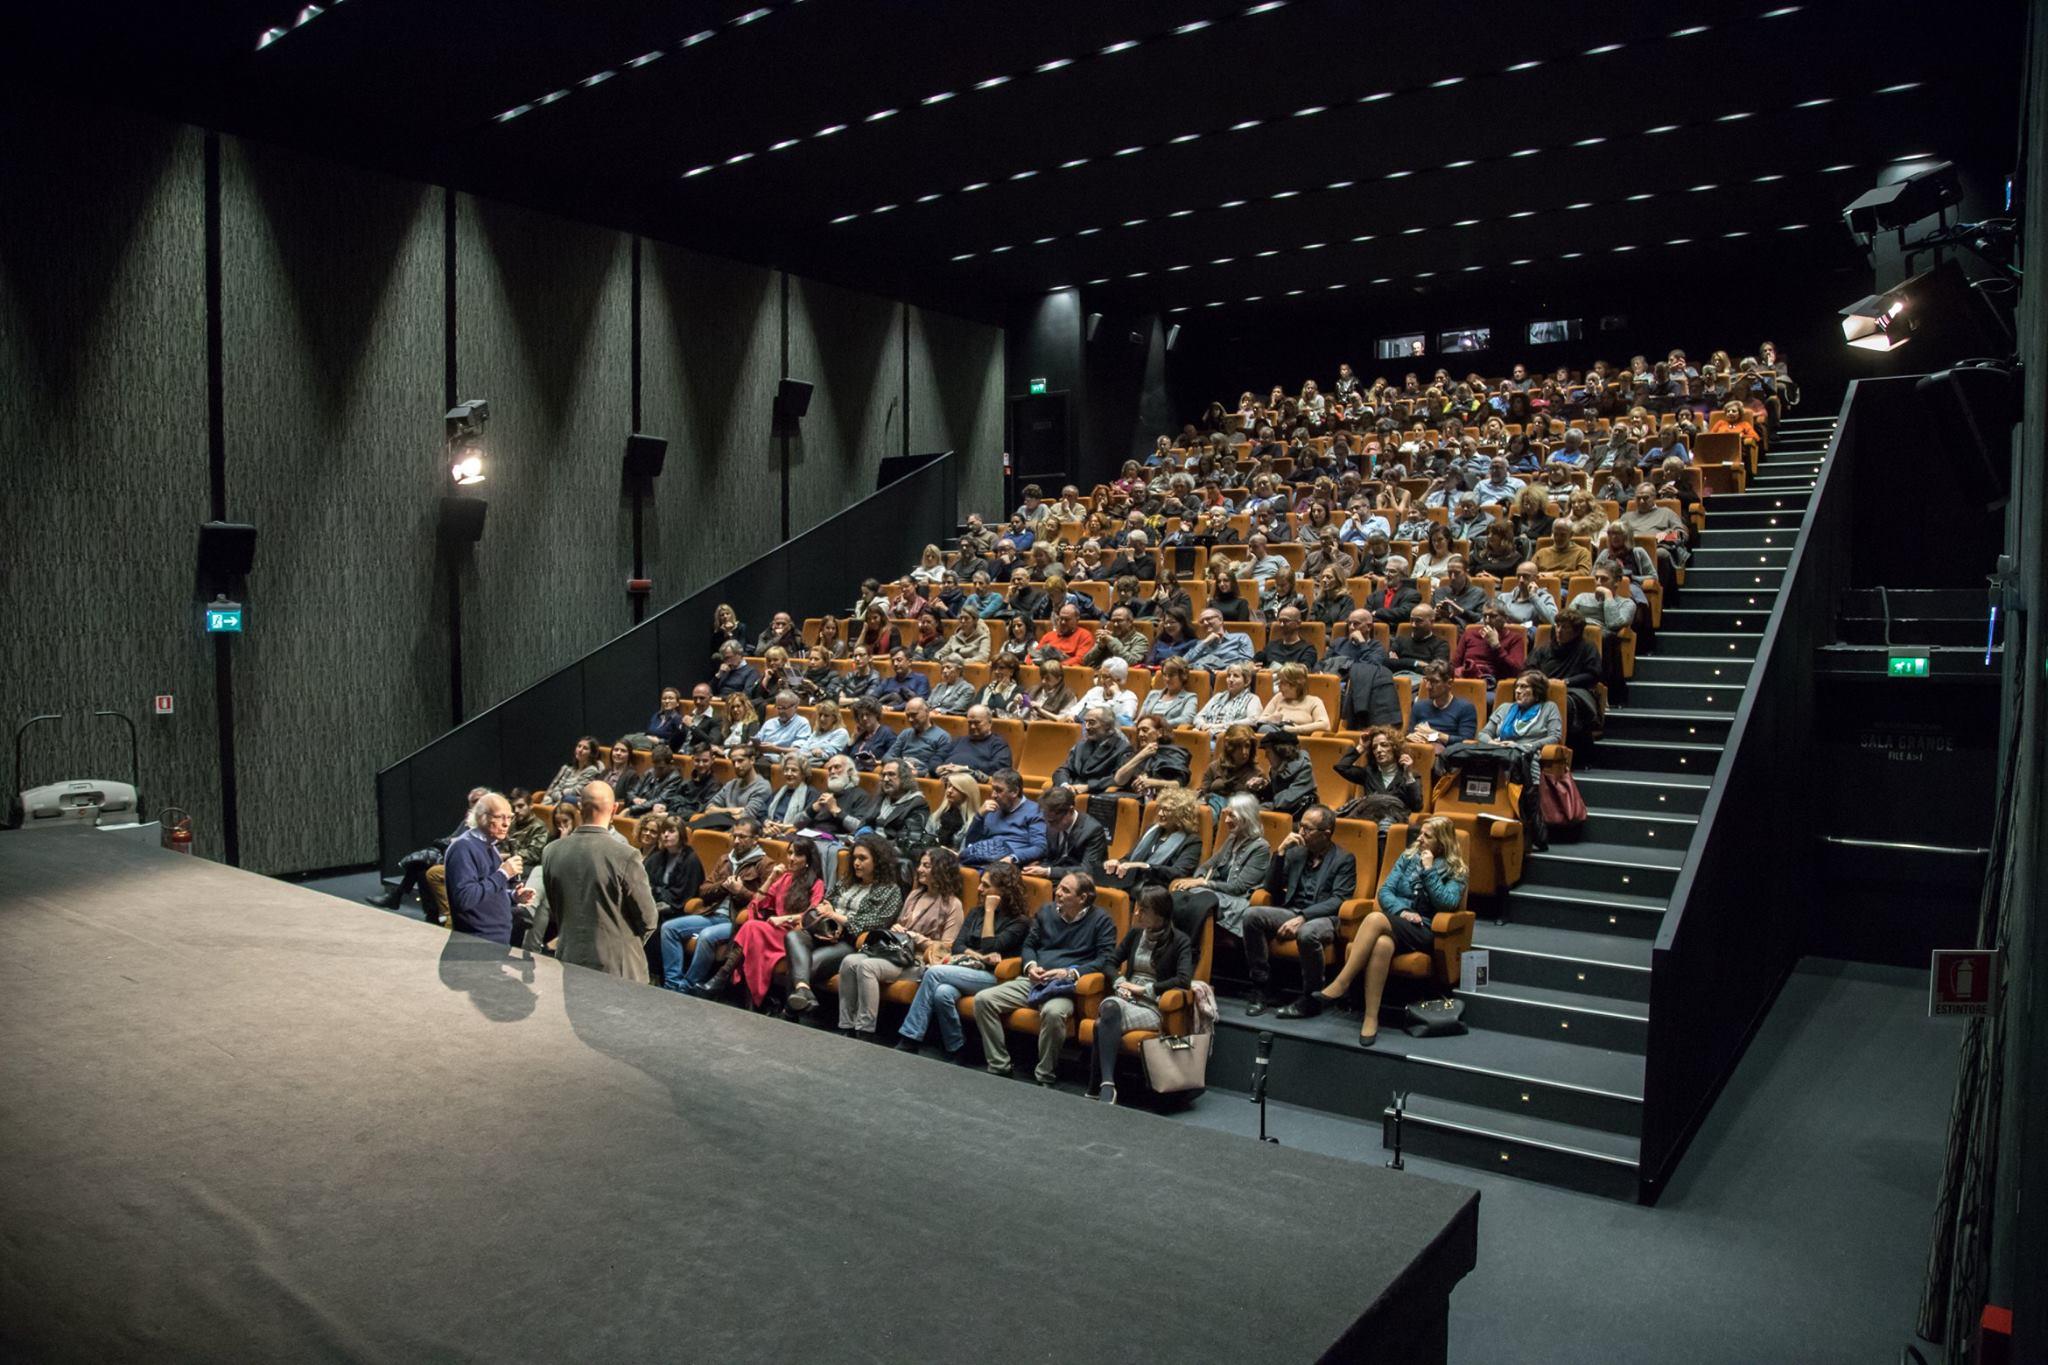 Cinemazero Platea